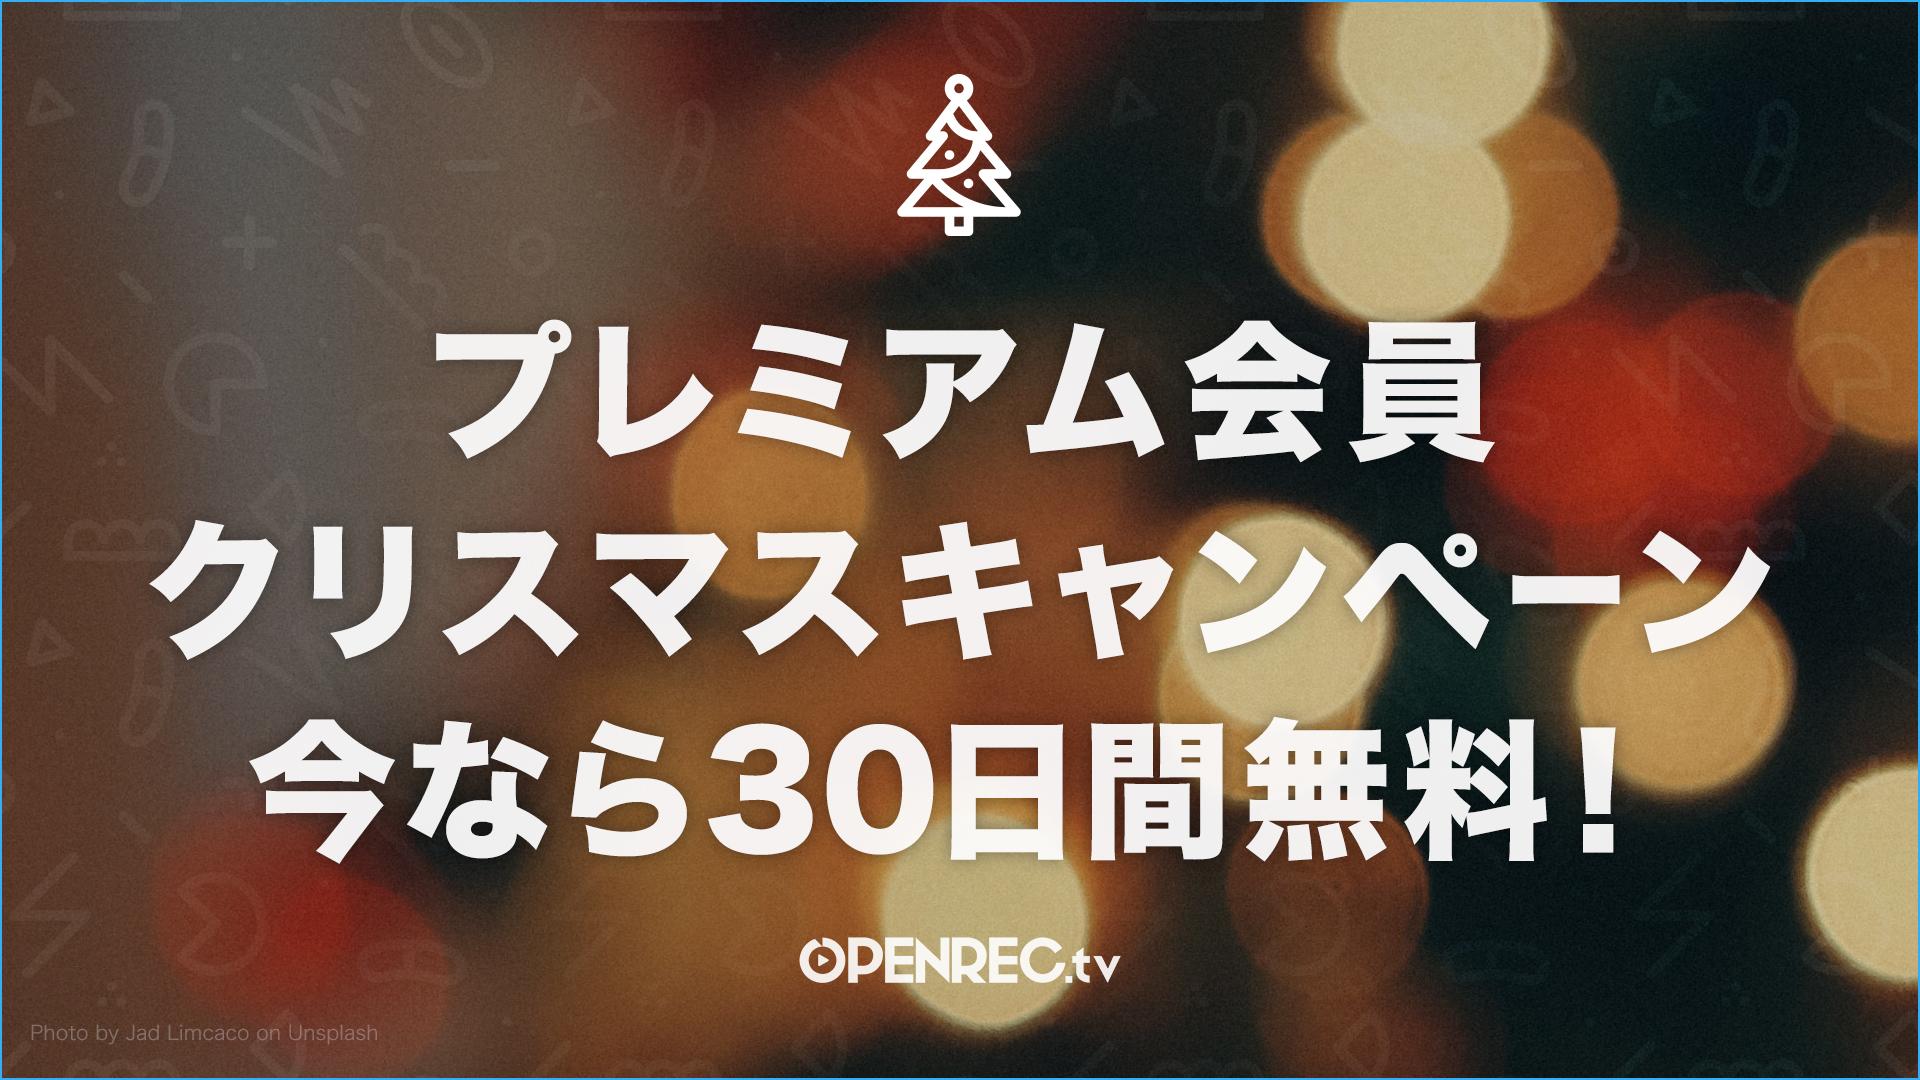 クリスマスキャンペーン開始!プレミアム会員が今なら30日間無料トライアル!